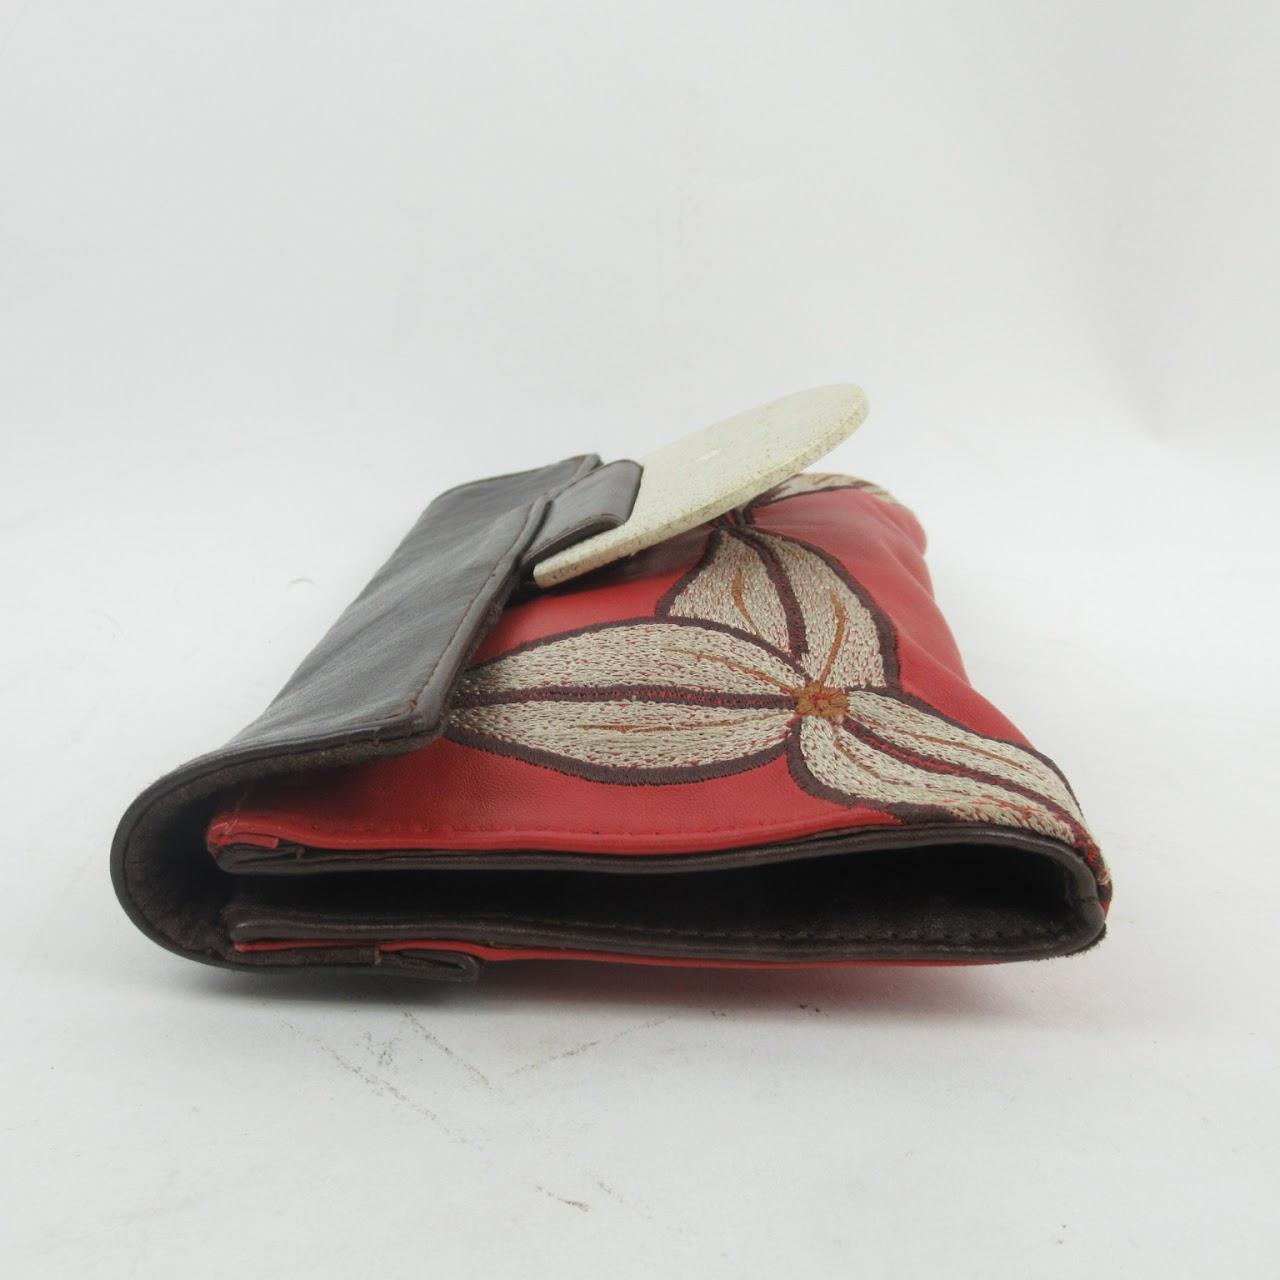 R&Y Augousti Leather & Shagreen Clutch Bag